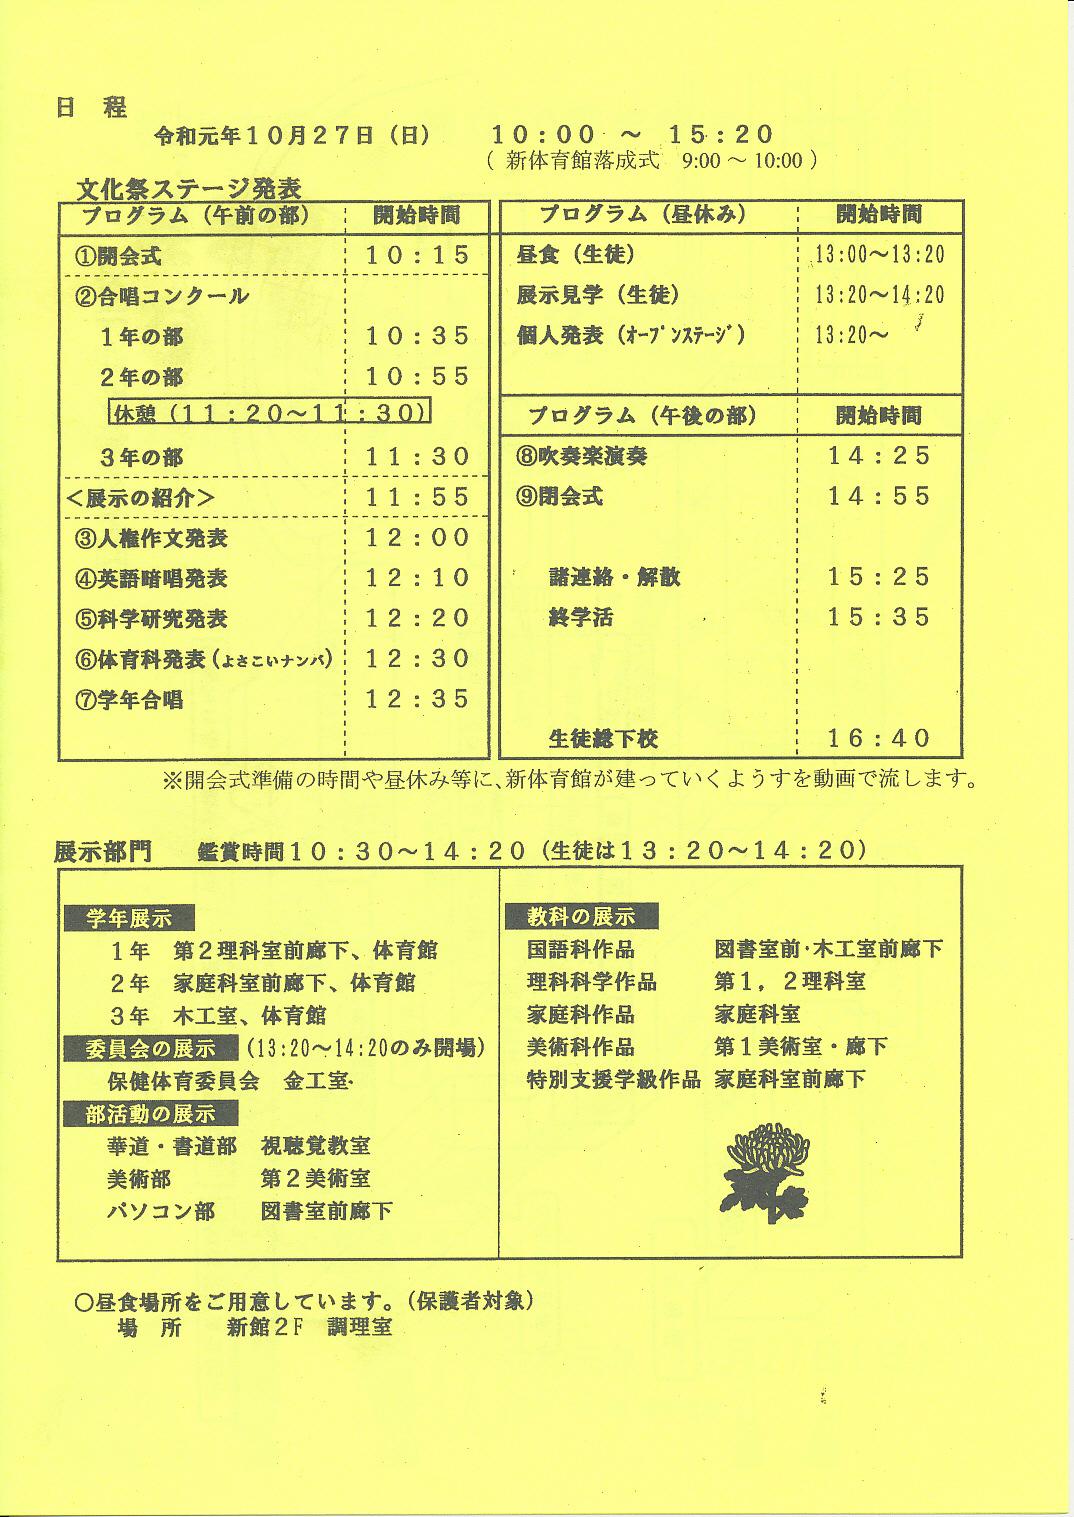 20191027 宇部市立桃山中学校 創立70周年記念 文化祭 3.jpg